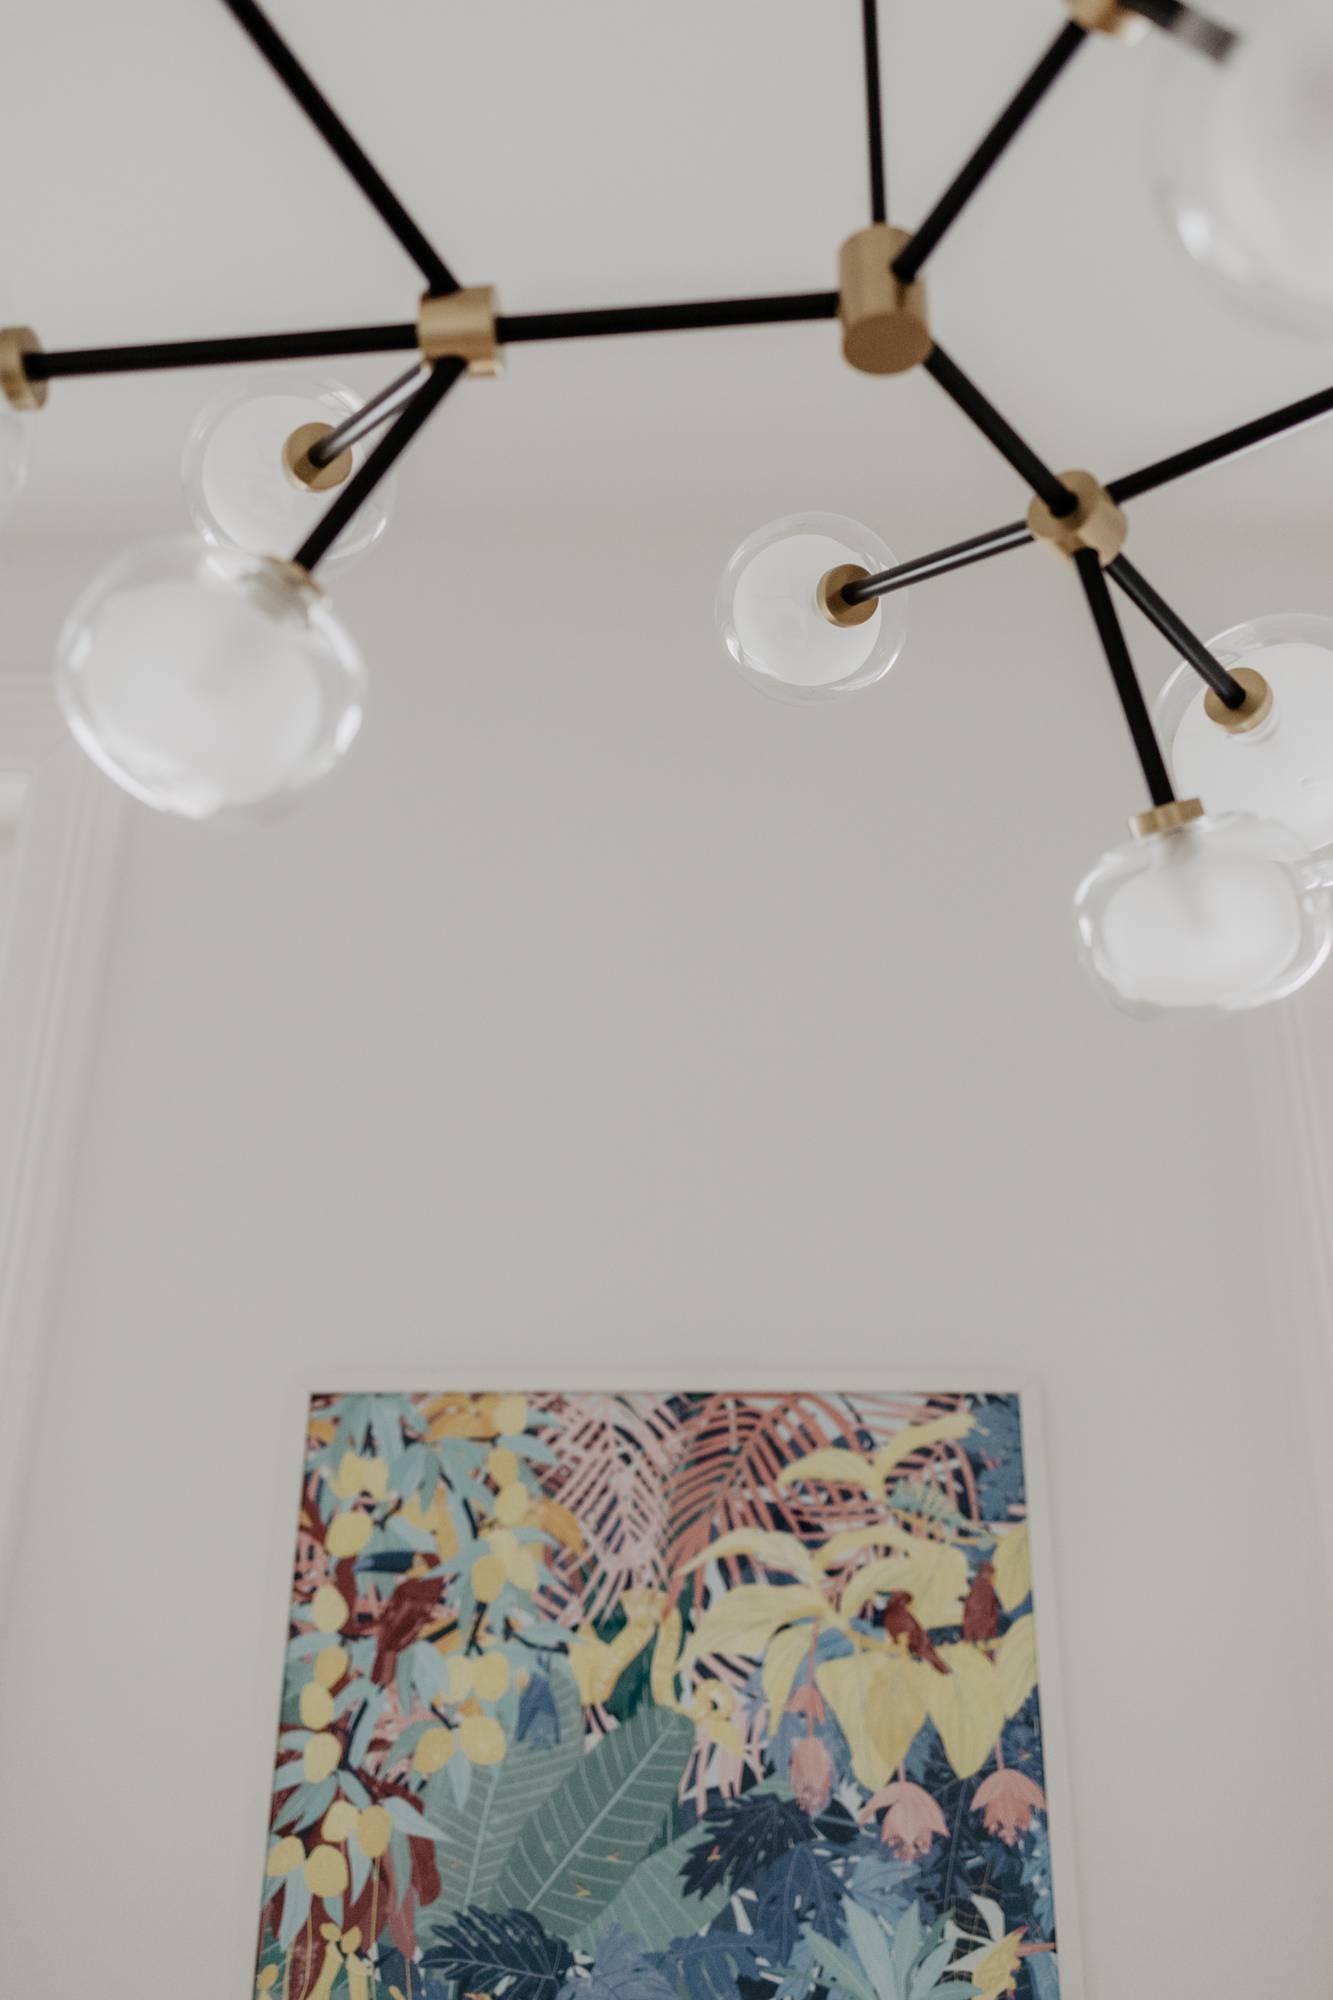 Designerlampe - Lichtobjekt - Homestory Wiener Wohnsinn